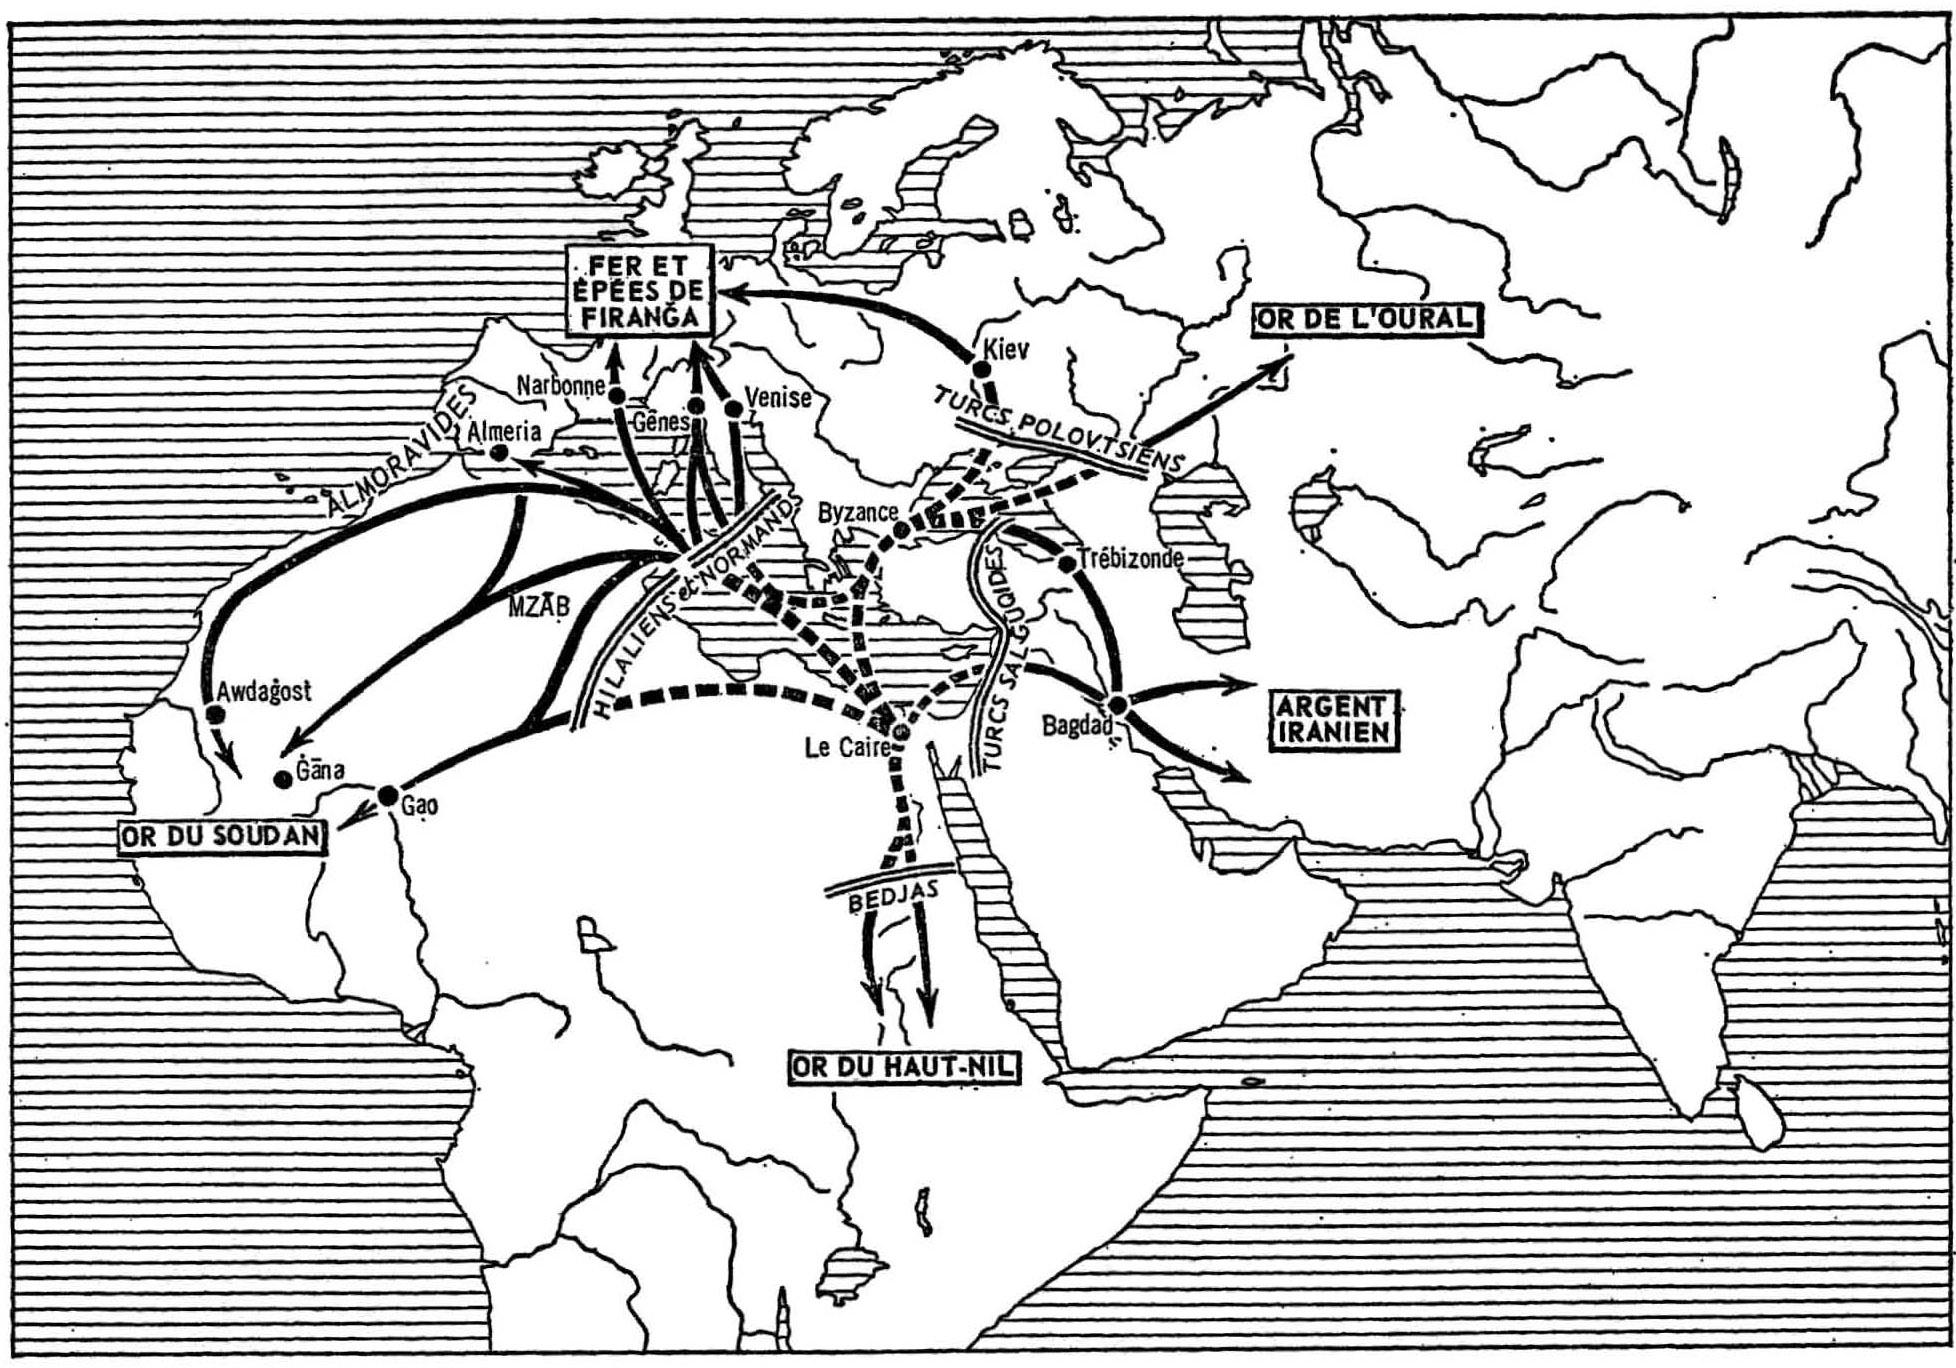 L'utilisation de dattes de carbone pour trouver l'âge des momies et des pyramides